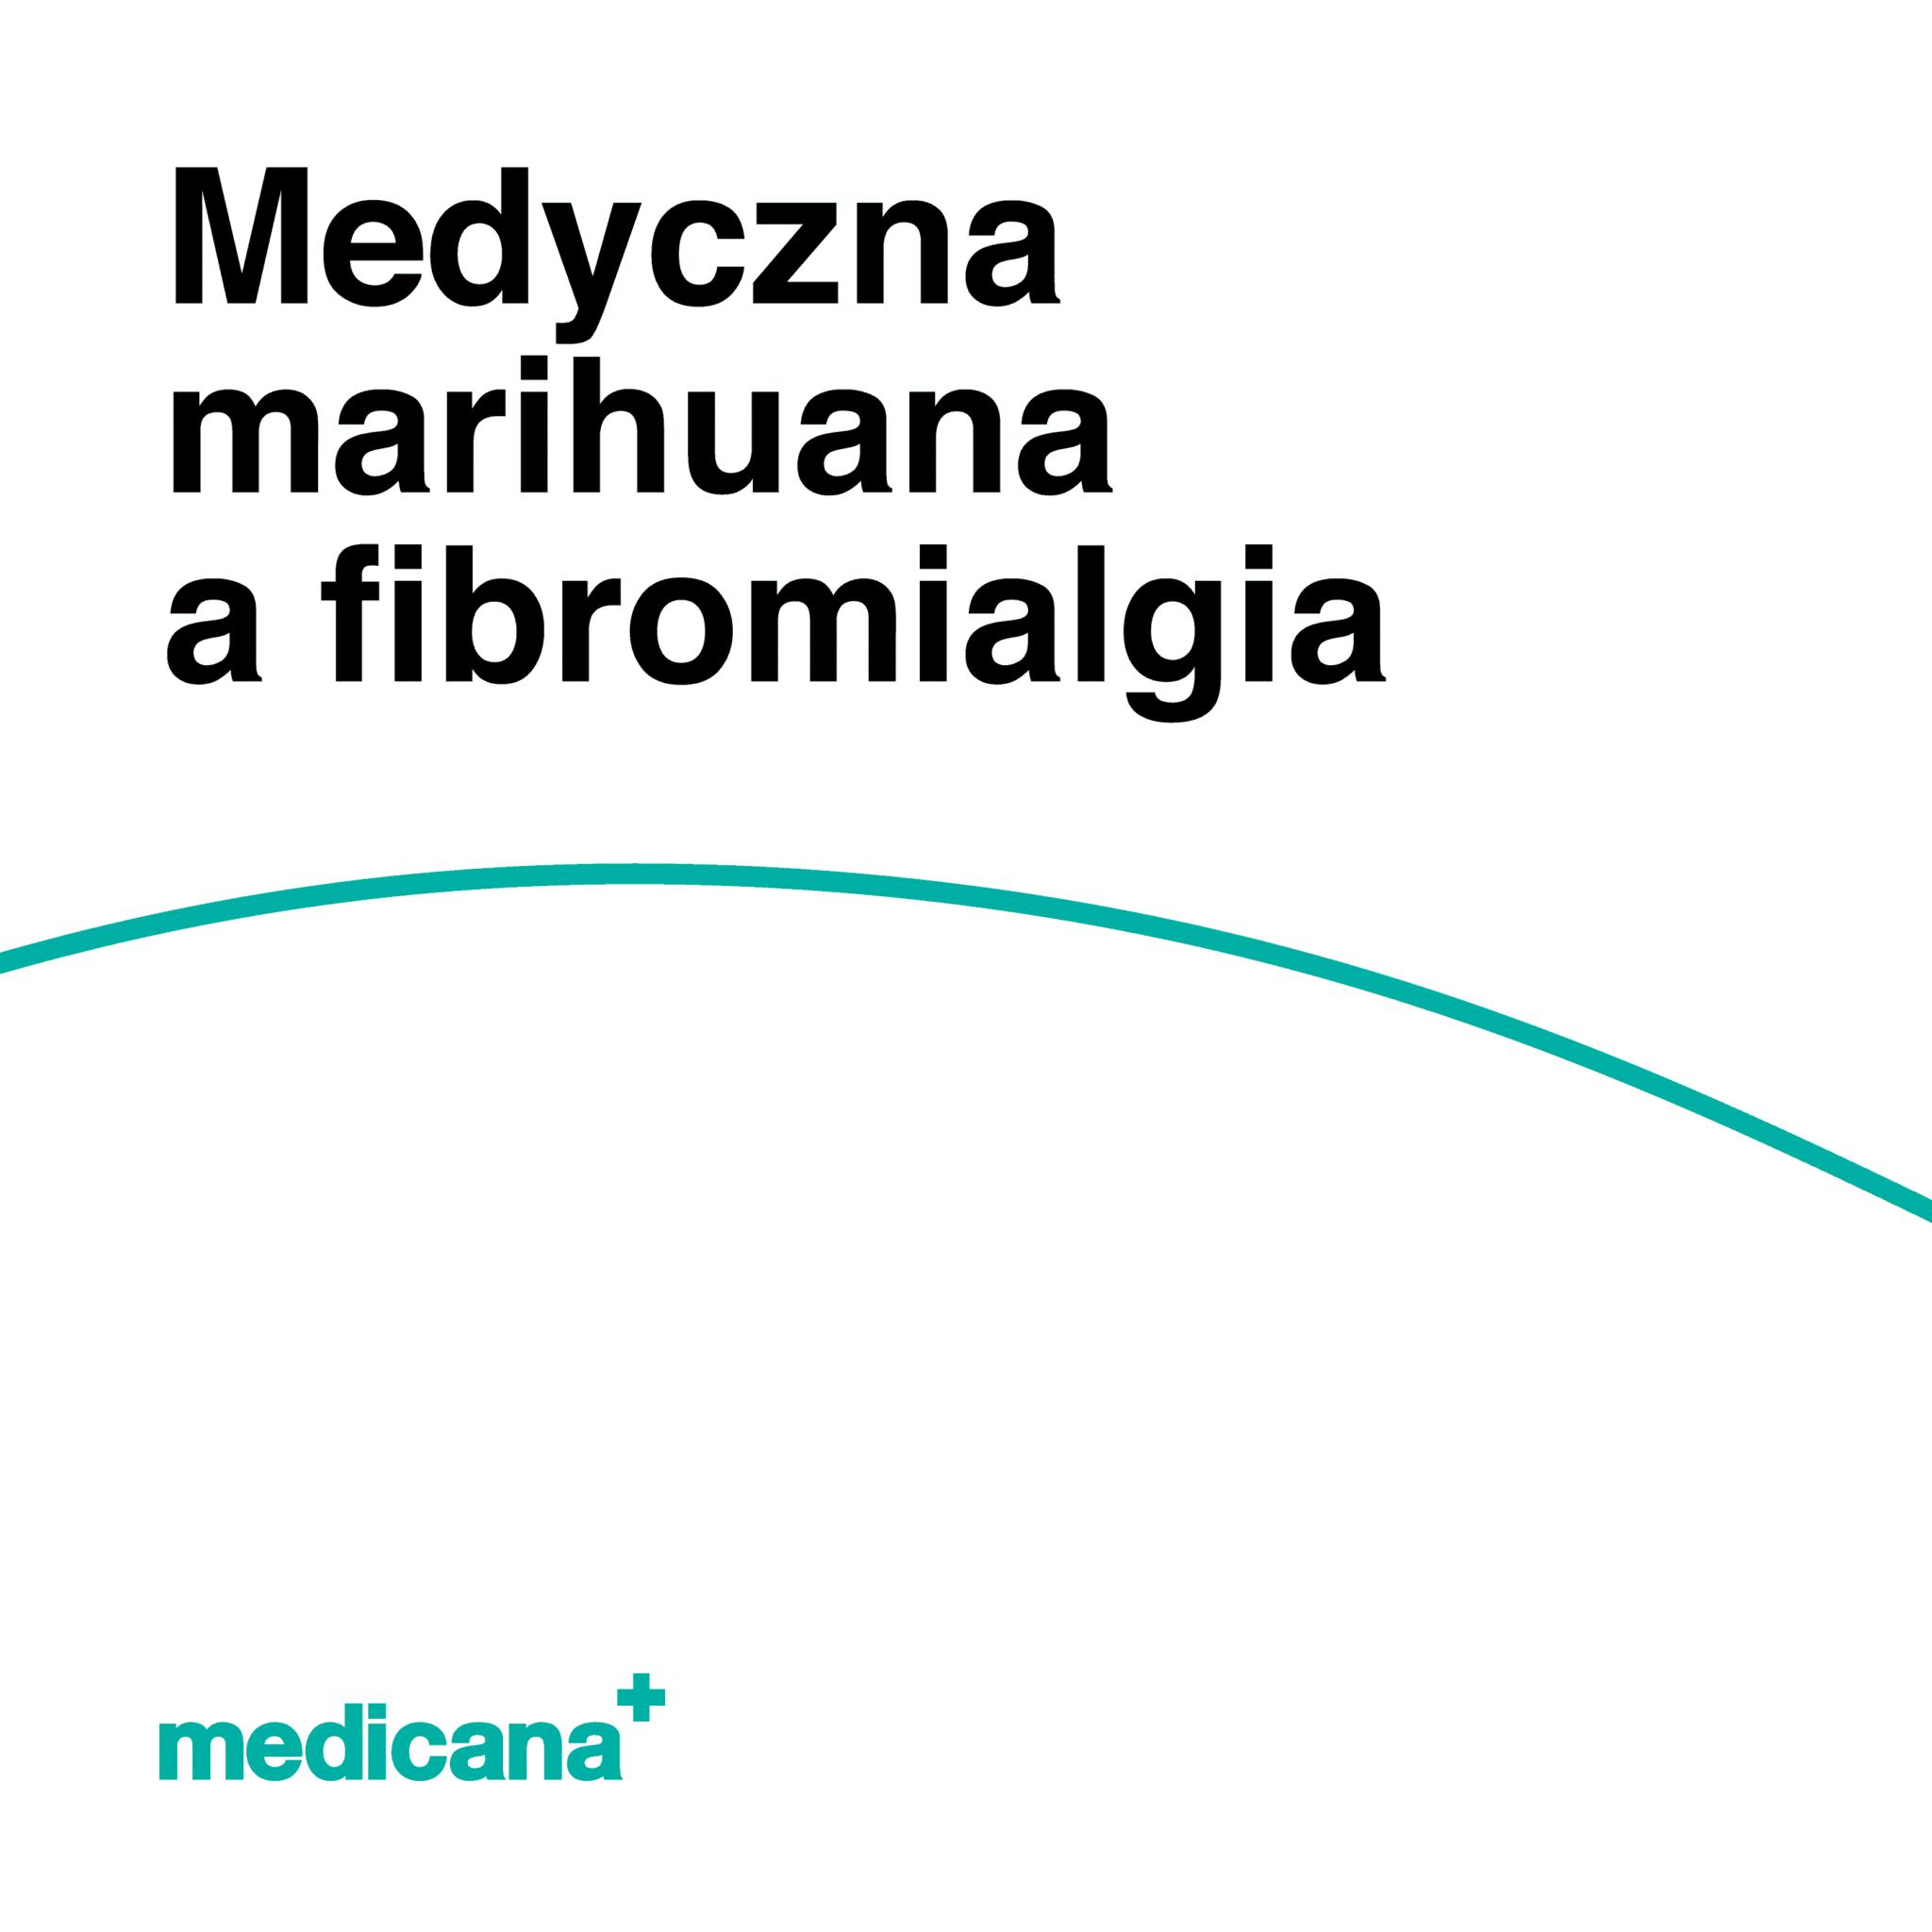 Grafika, białe tło z zieloną linią, czarnym napisem Medyczna marihuana a fibromialgia oraz zielonym logo Medicana w lewym dolnym rogu.